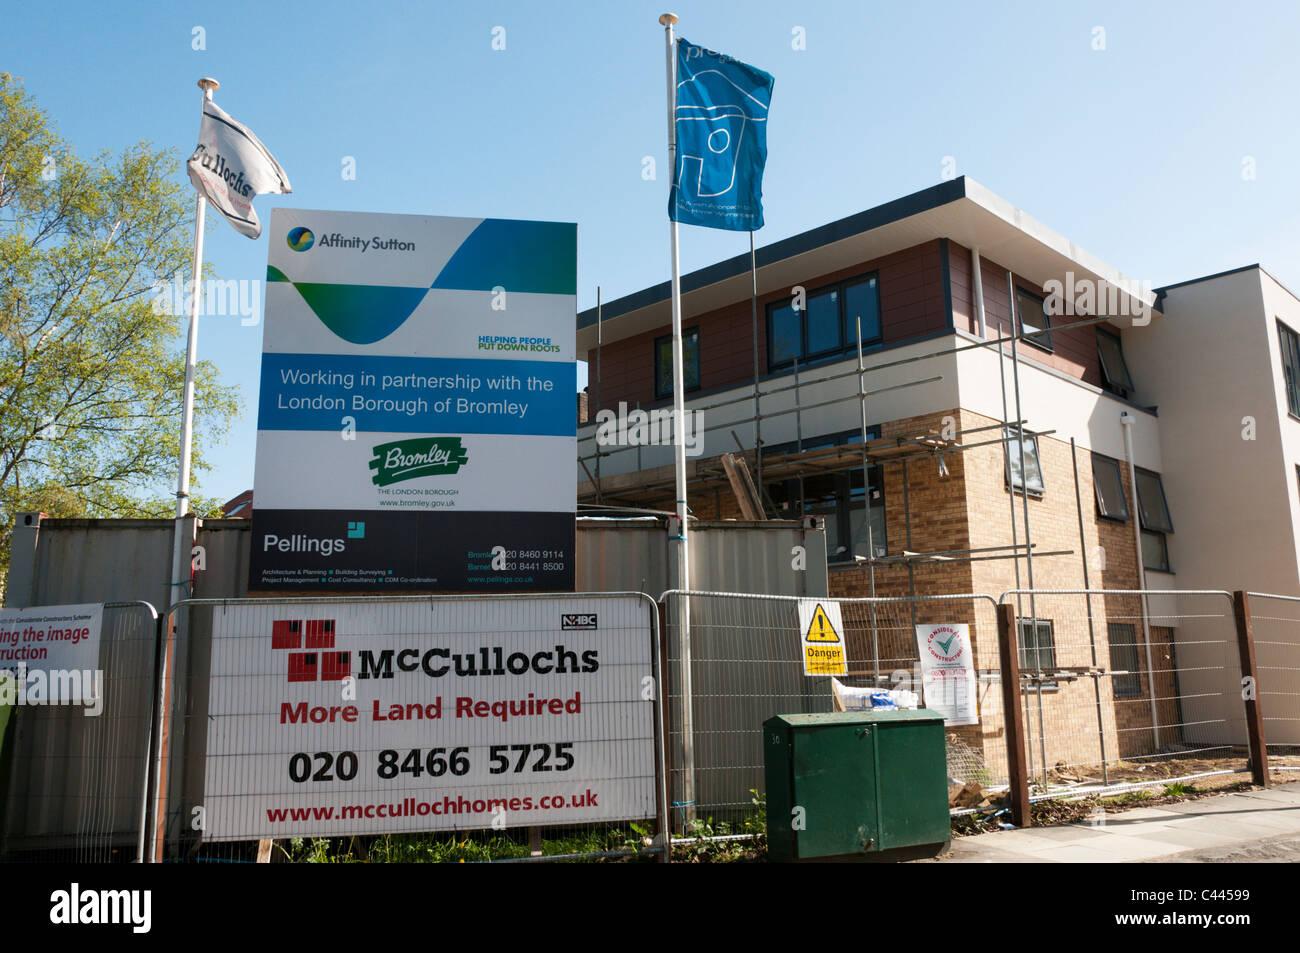 Eine Wohnsiedlung für Affinität Sutton in Süd-London Stockbild